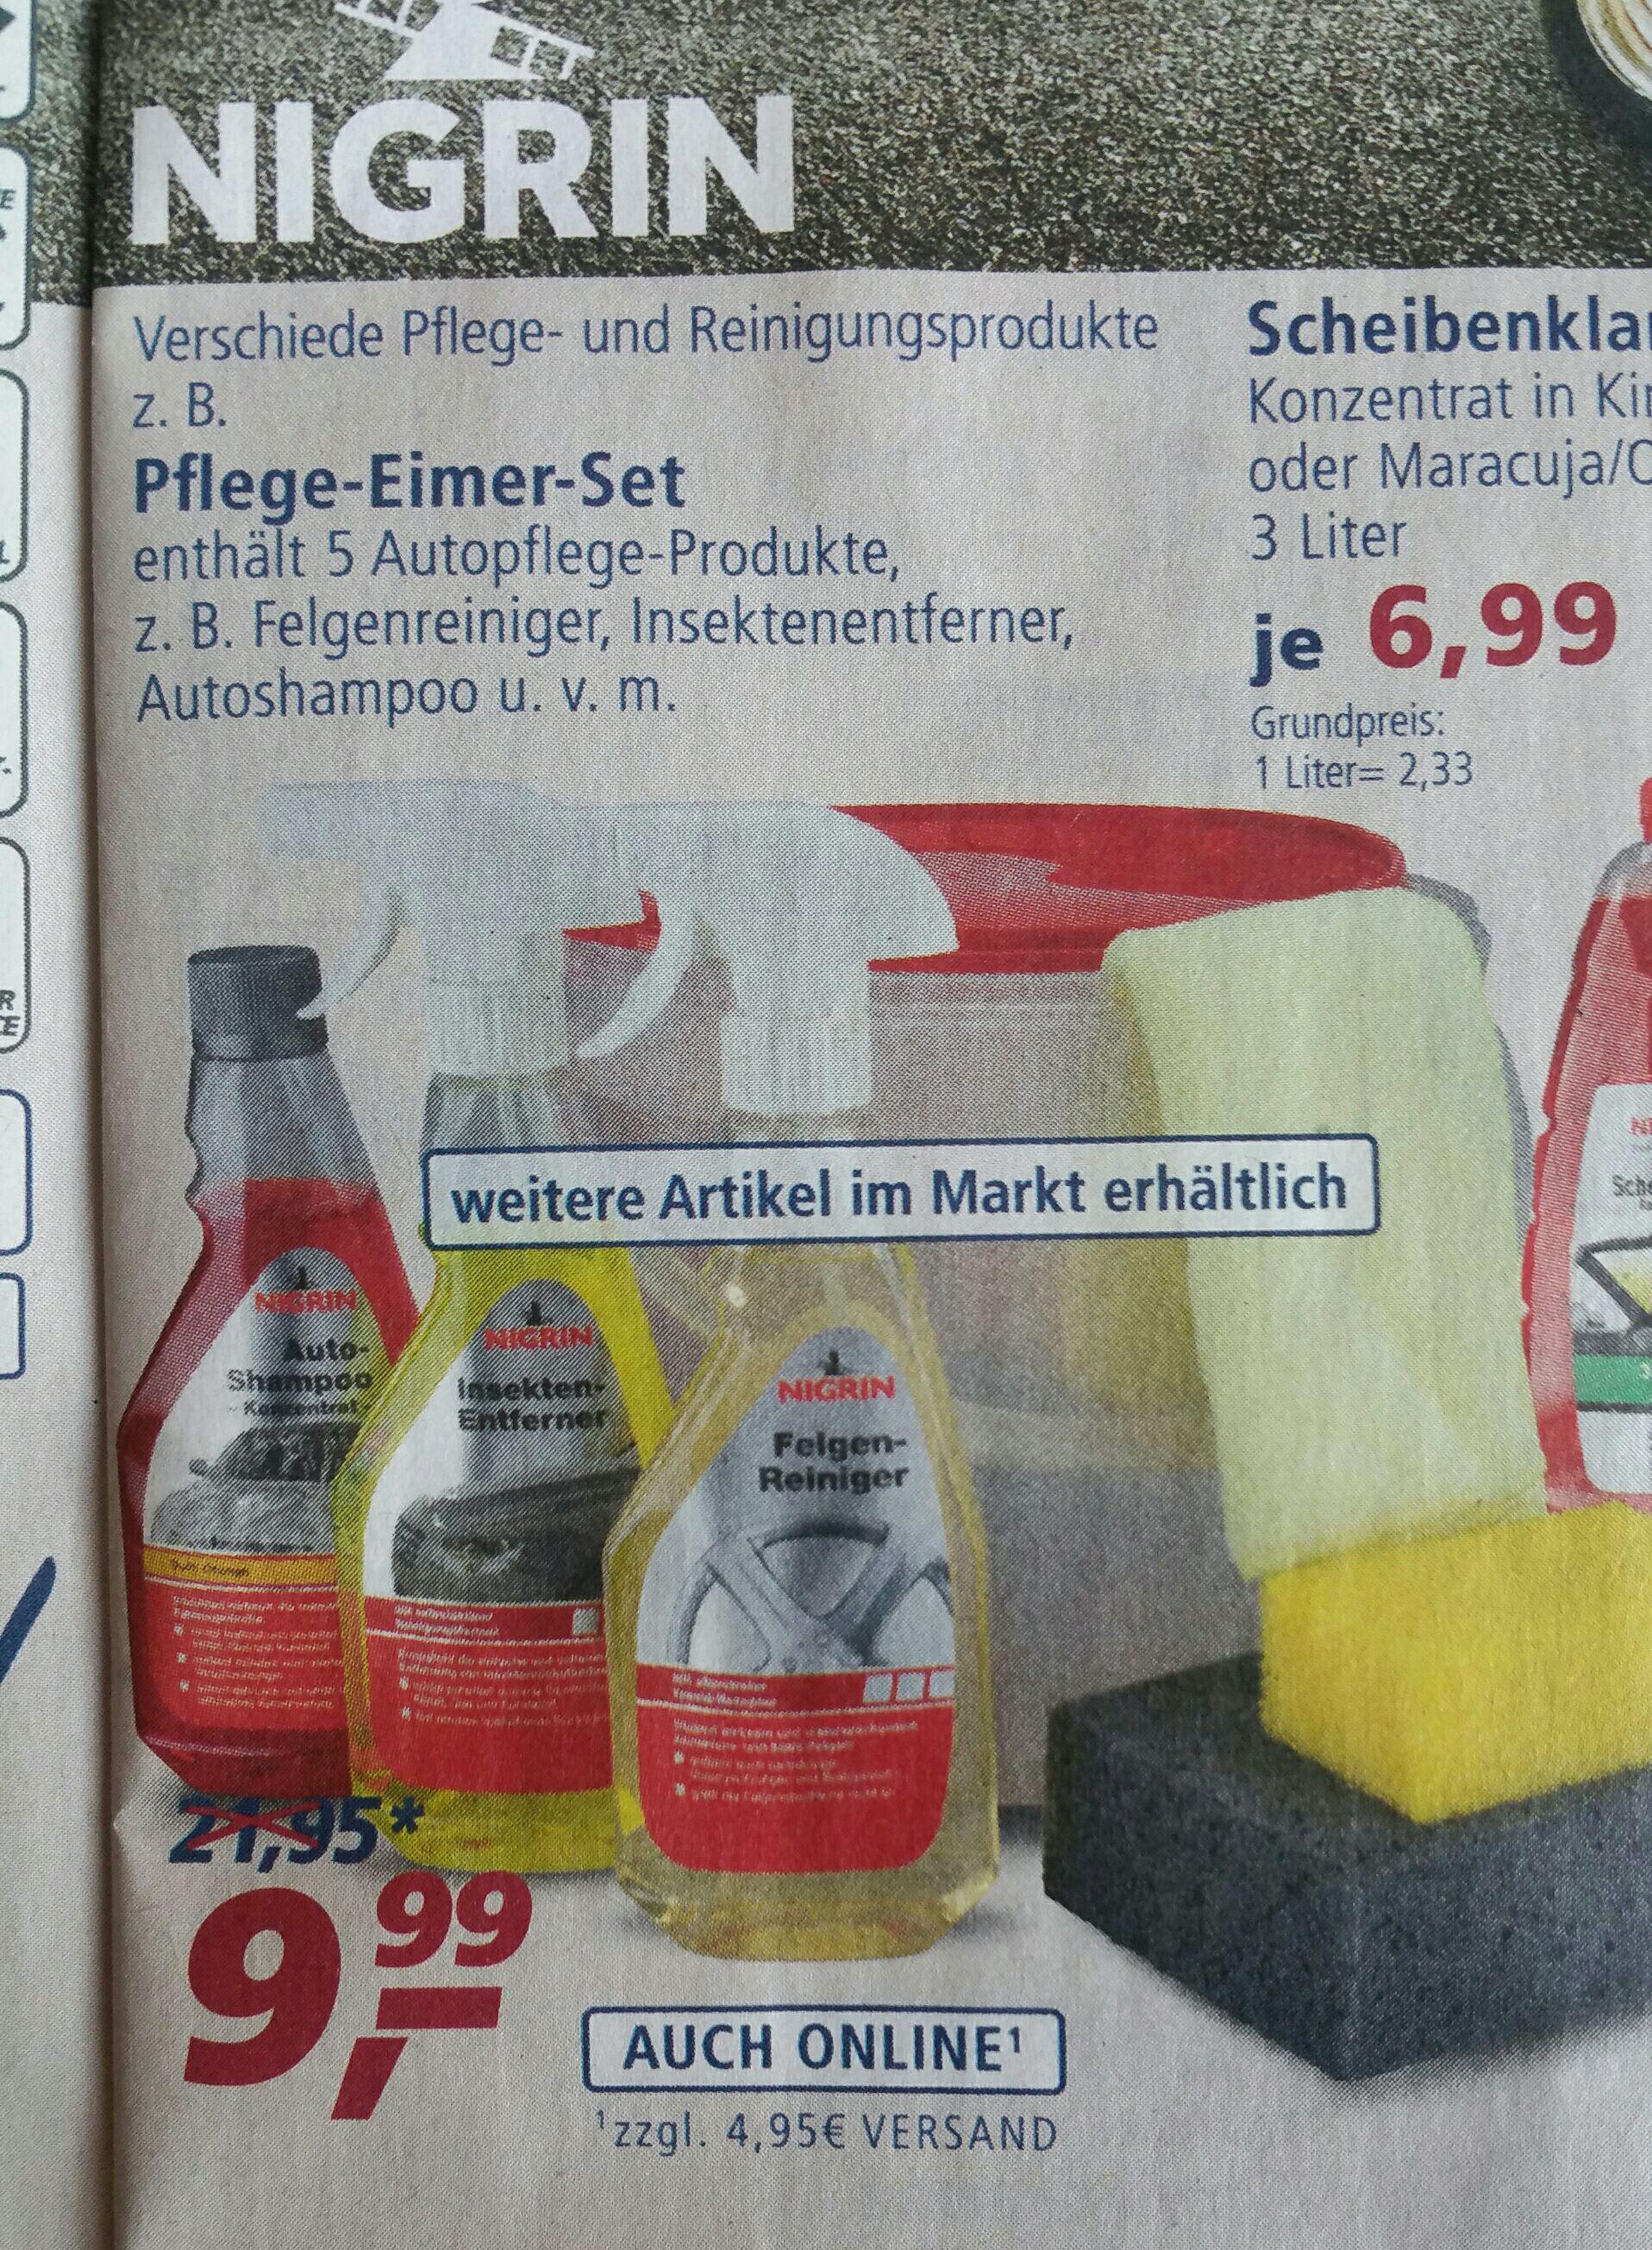 NIGRIN Pflegeeimer mit 5 Autopflege-Produkten